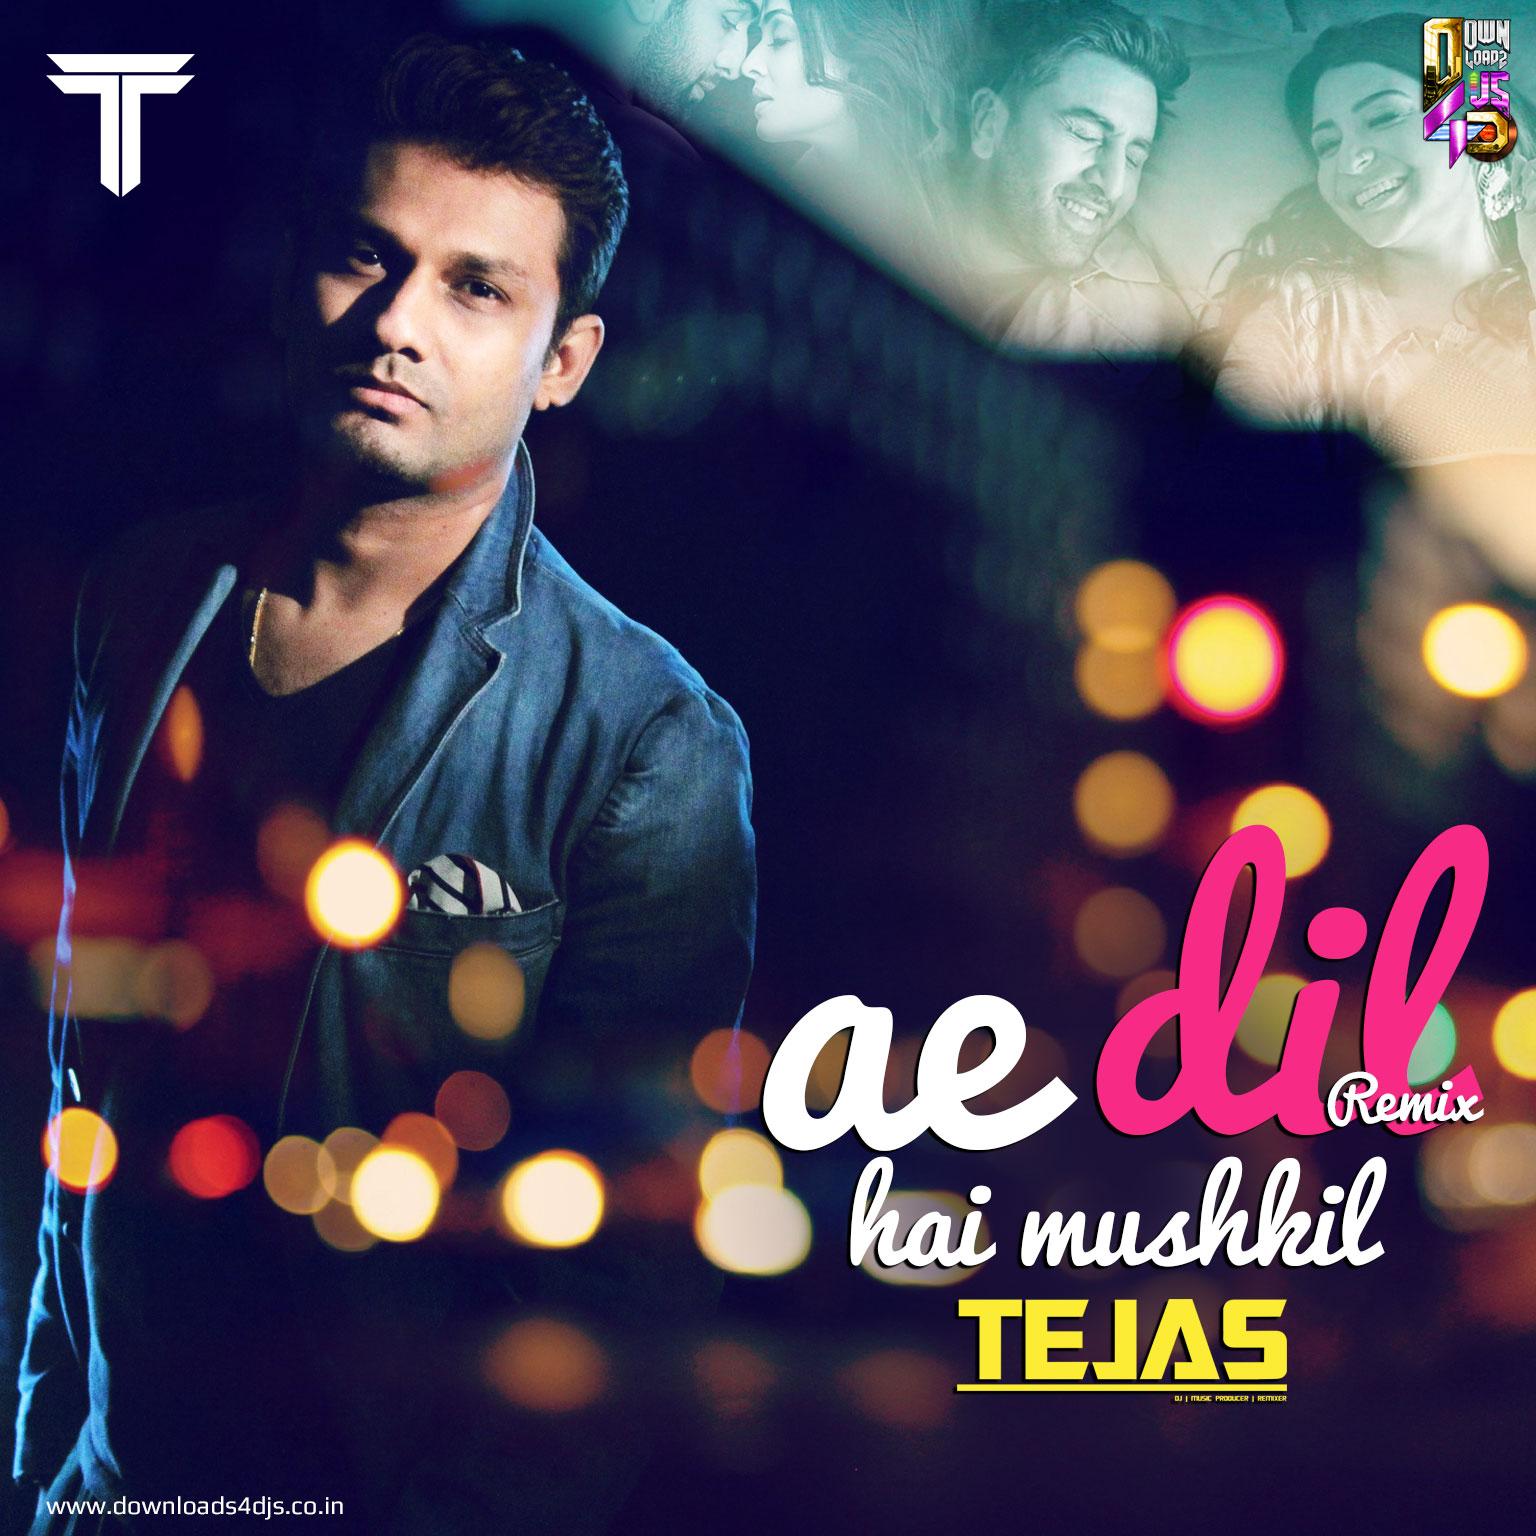 Ae Dil Hai Mushkil Remix Dj Tejas Downloads4djs India S No 1 Online Dj Portal